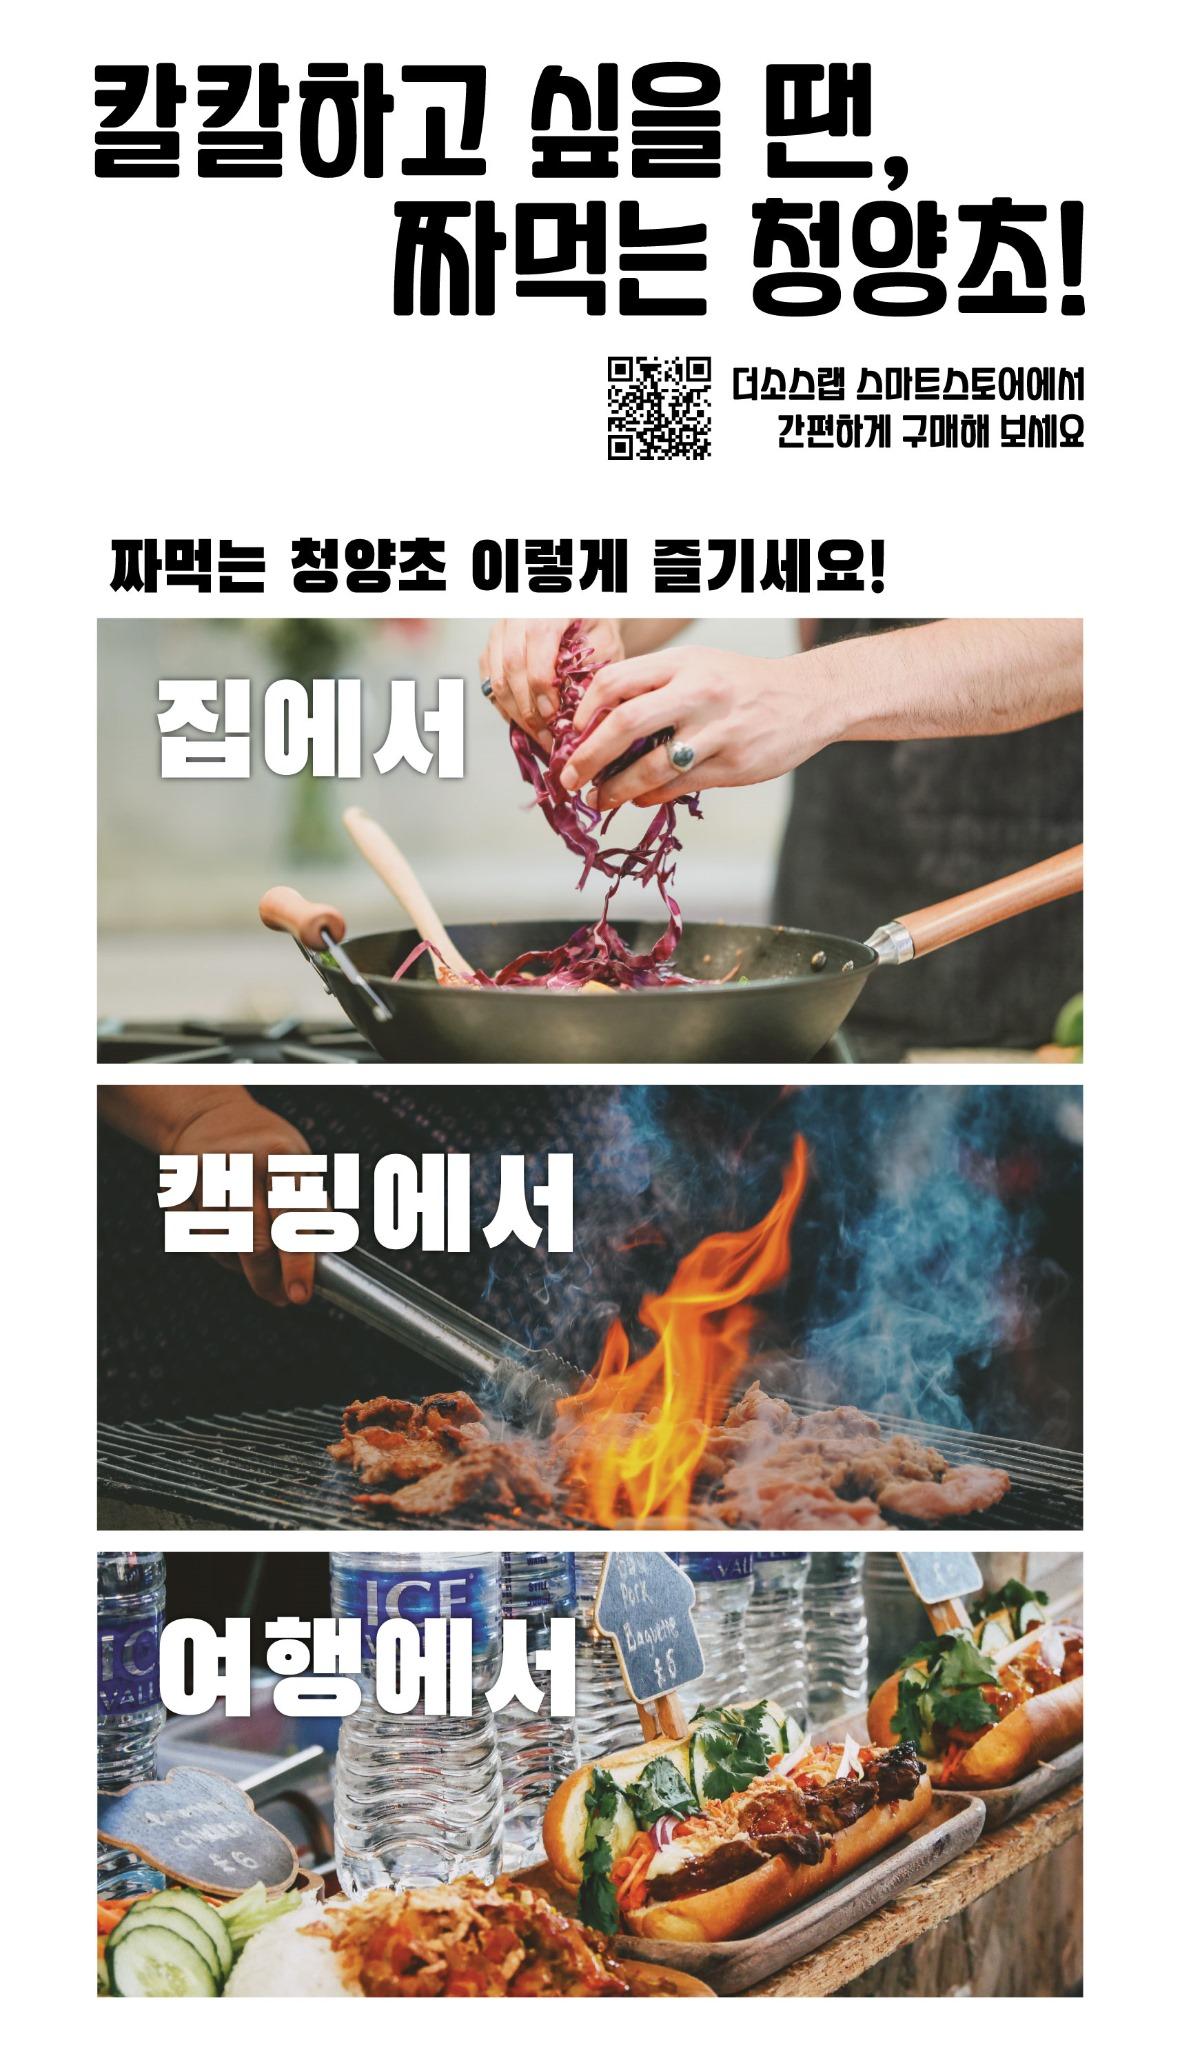 내추럴위크배너_더소스랩.jpg